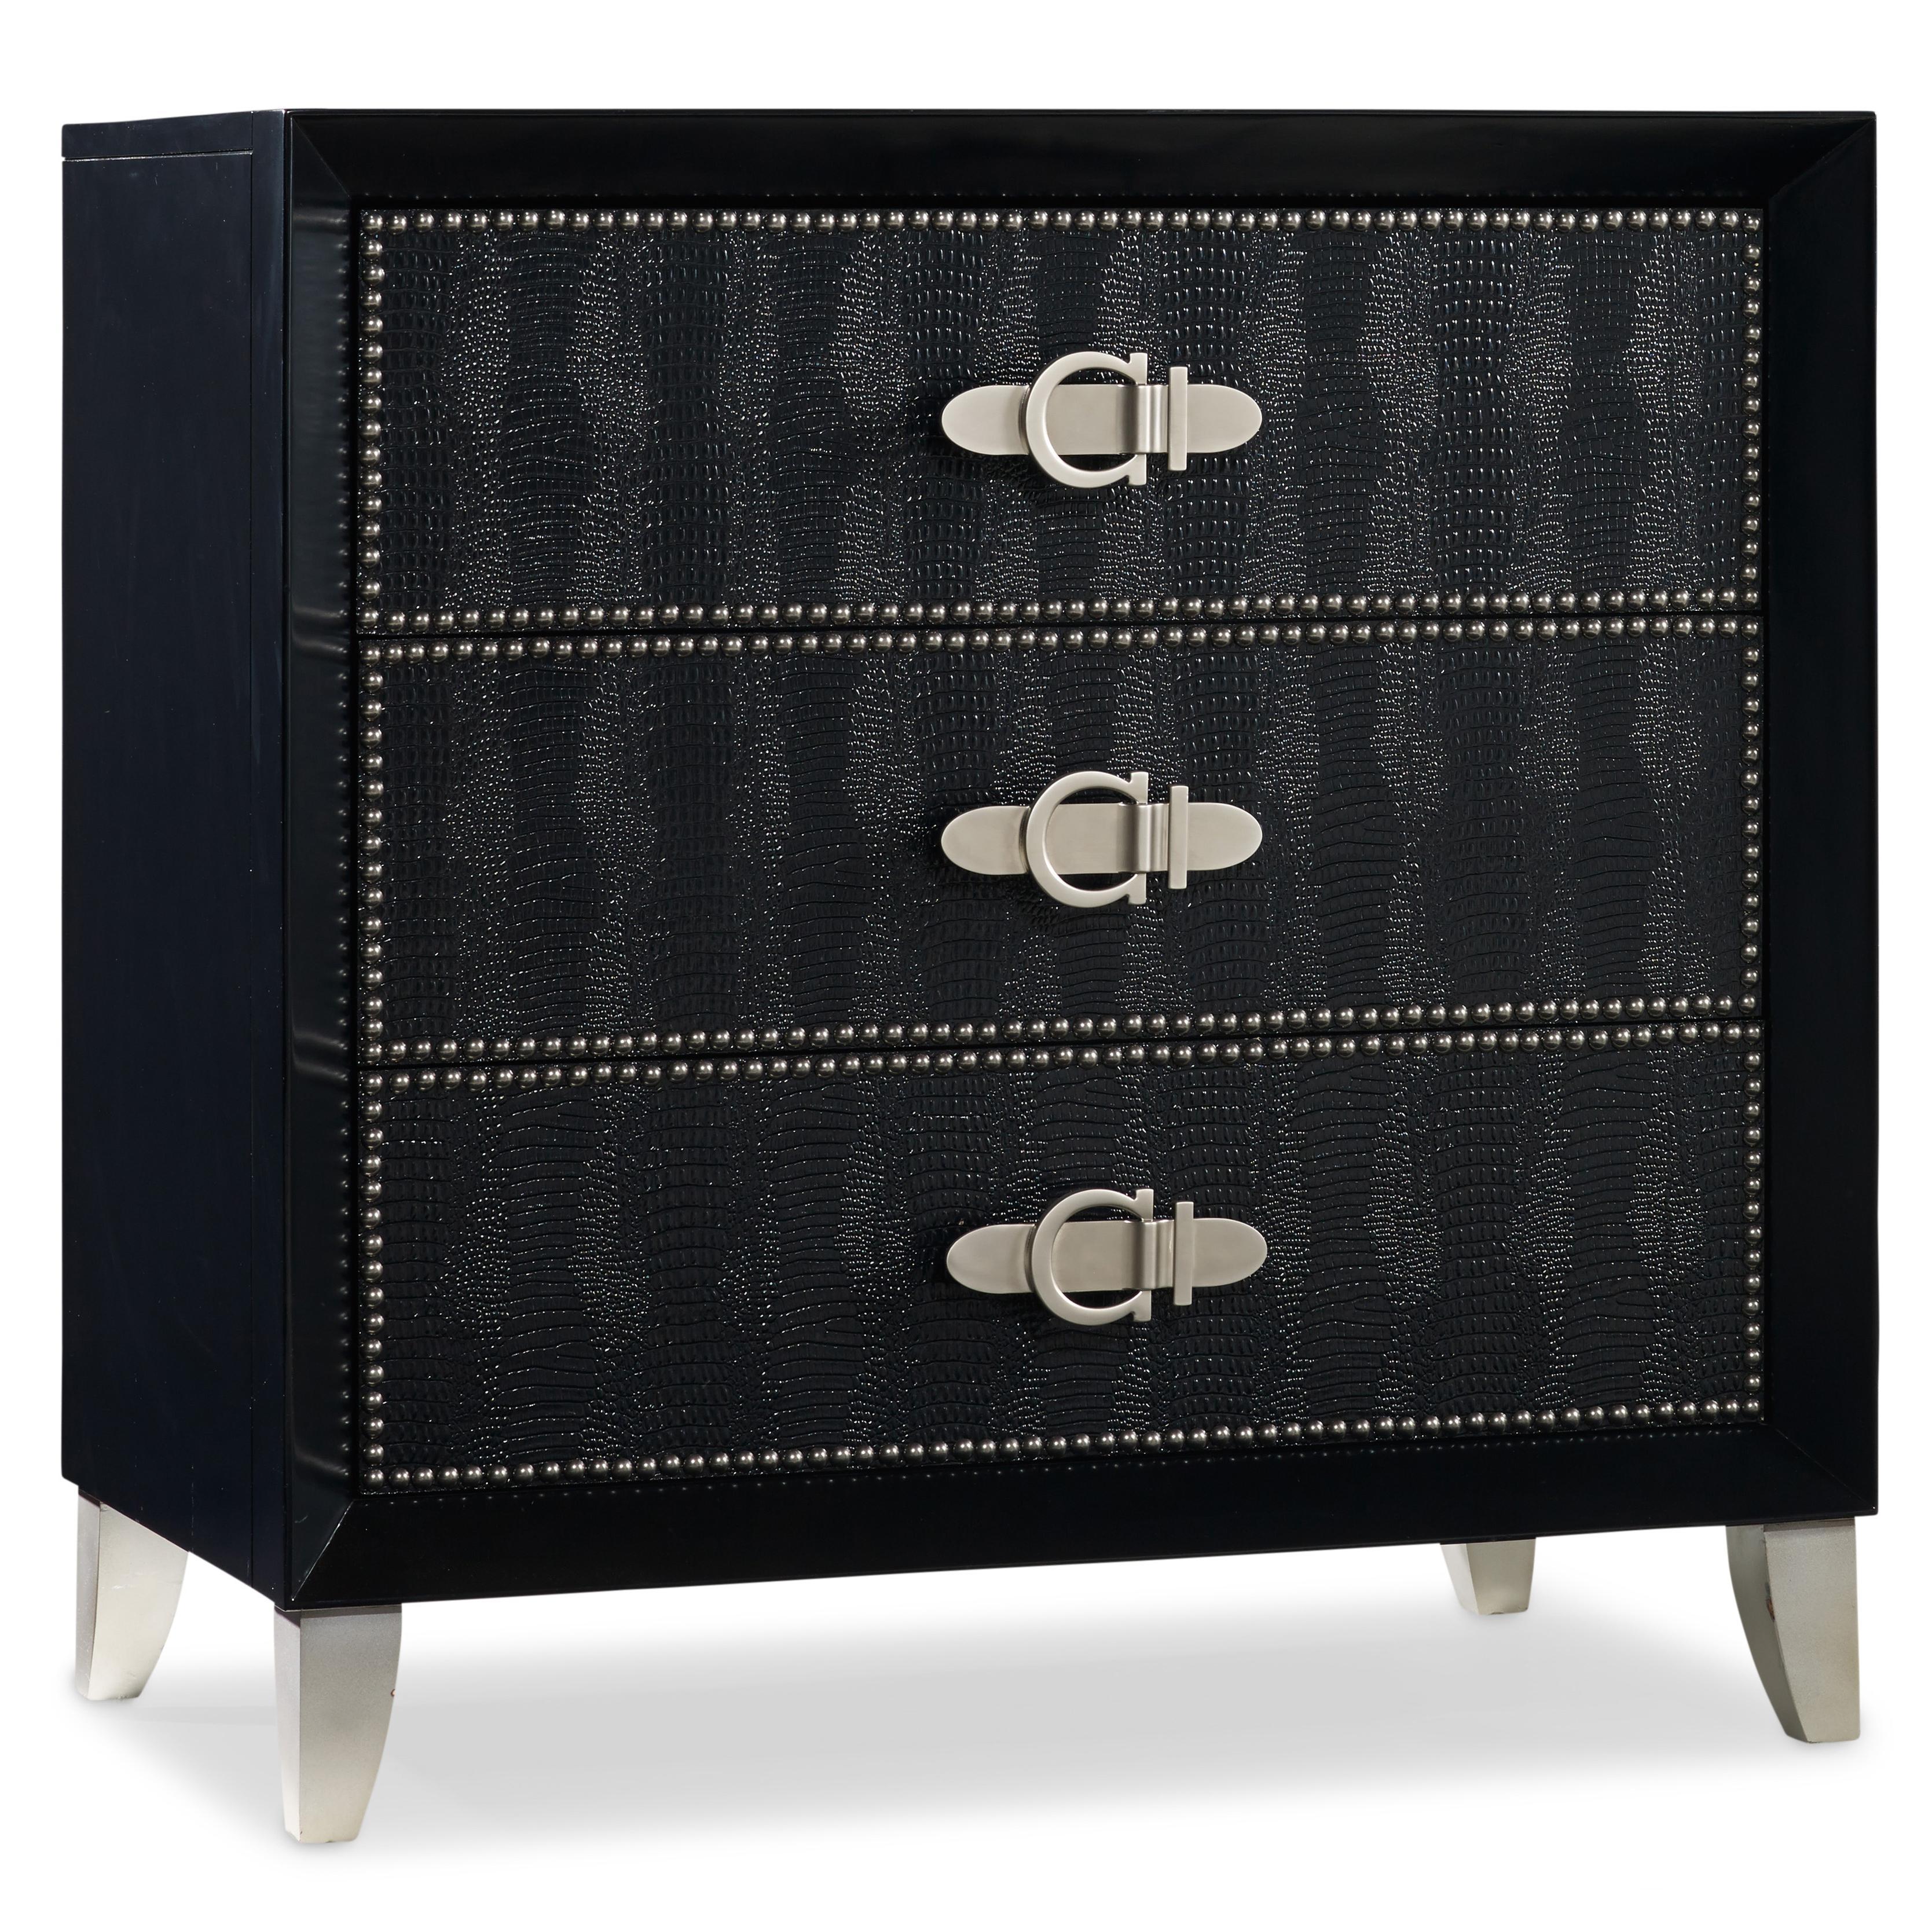 Hooker Furniture Mélange Ebony Croc Chest - Item Number: 638-50114